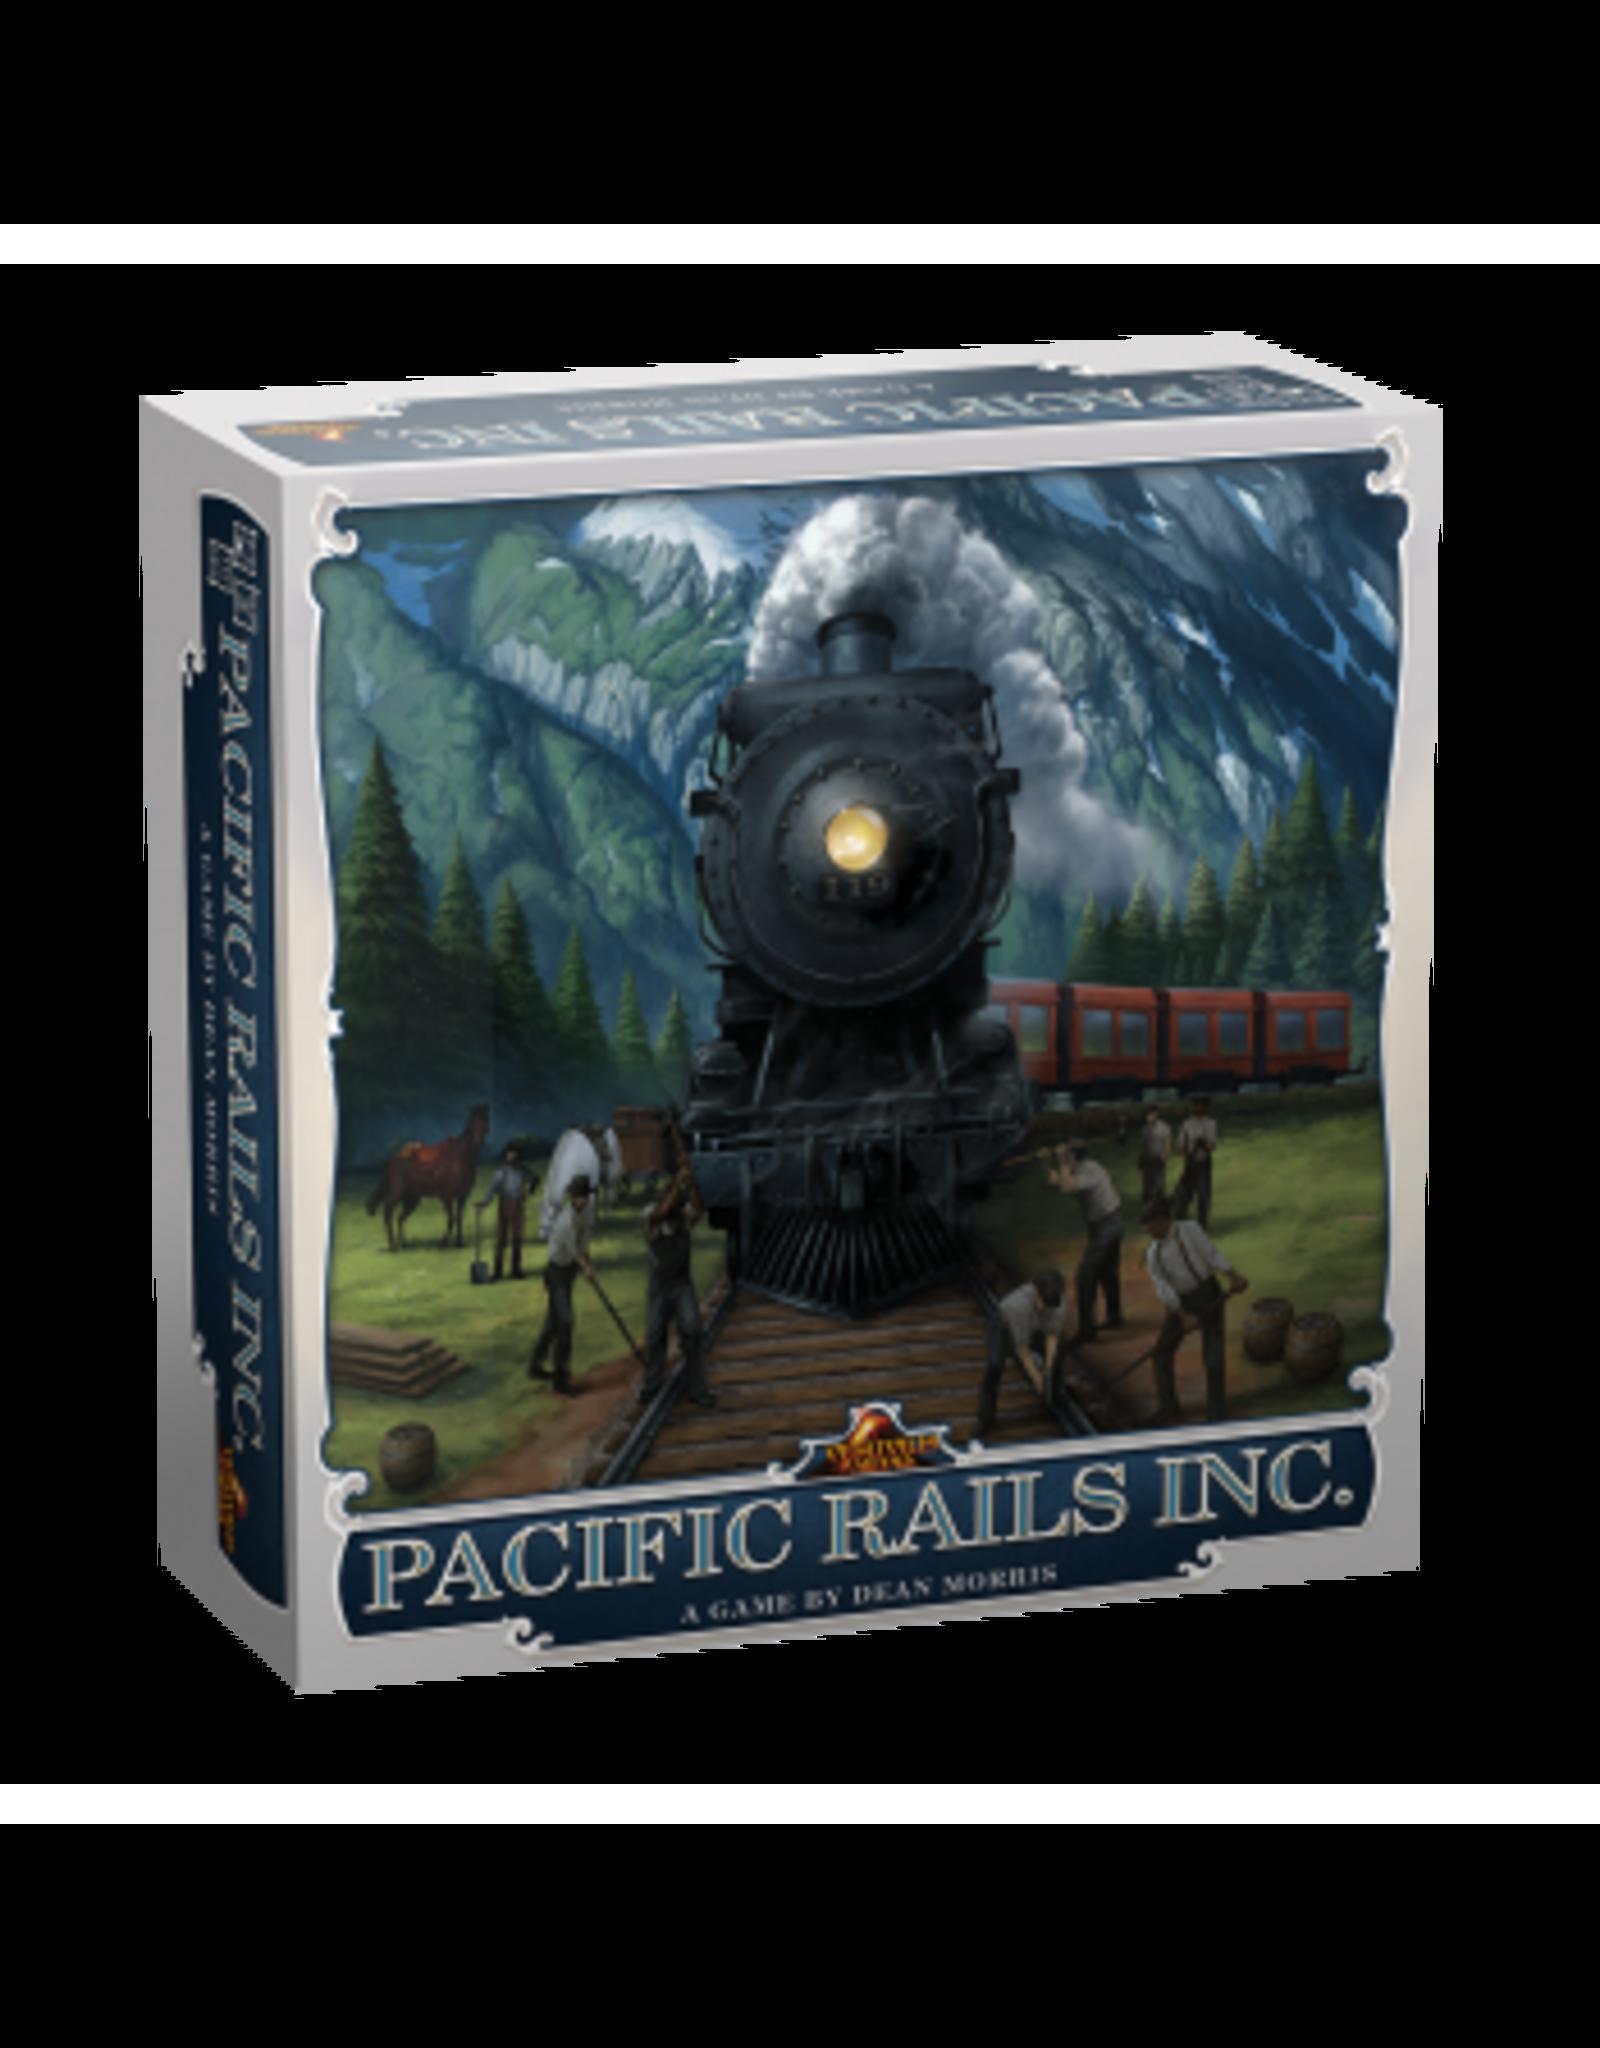 Vesuvius Media Pacific Rails Inc.